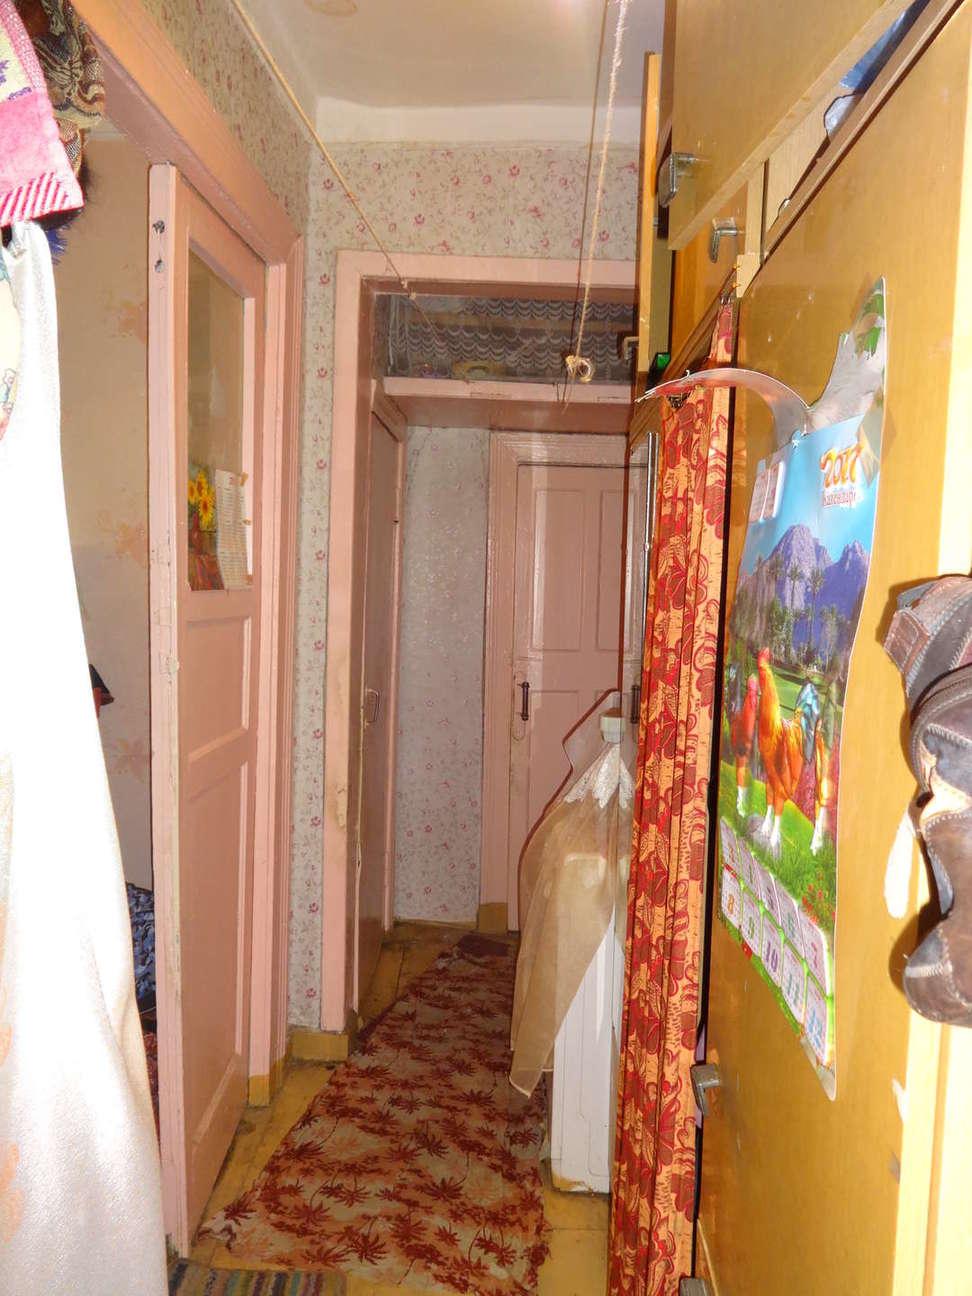 Продажа 2-комнатной квартиры, г. Тольятти, Комсомольское шоссе  дом 11